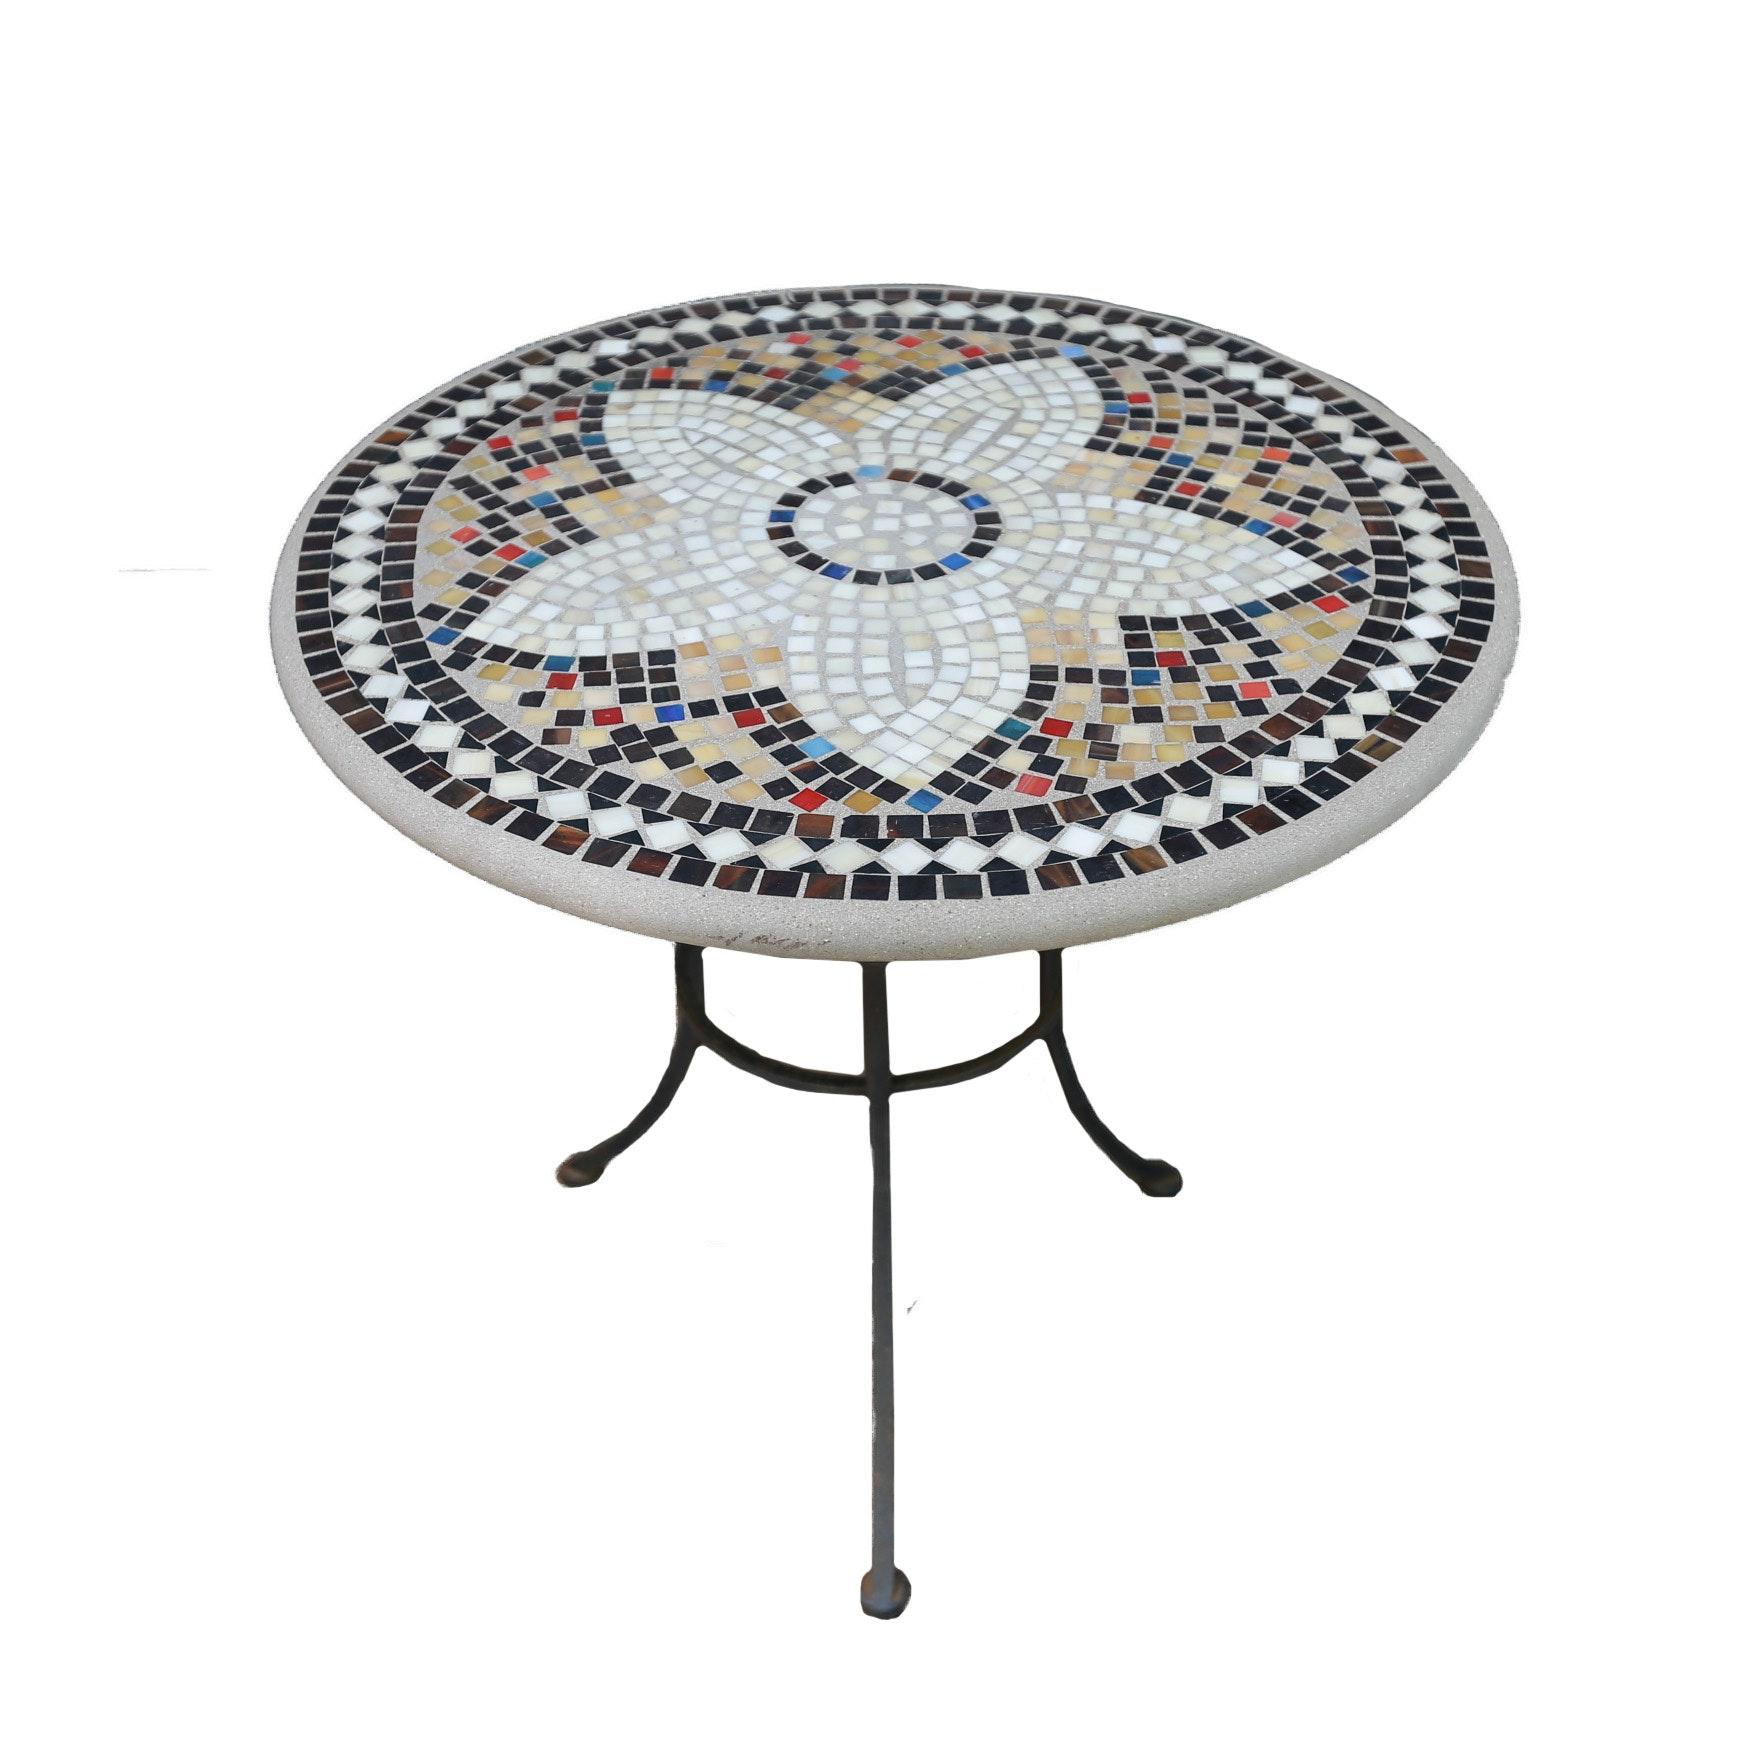 Pair of Concrete Mosaic Tile Tables